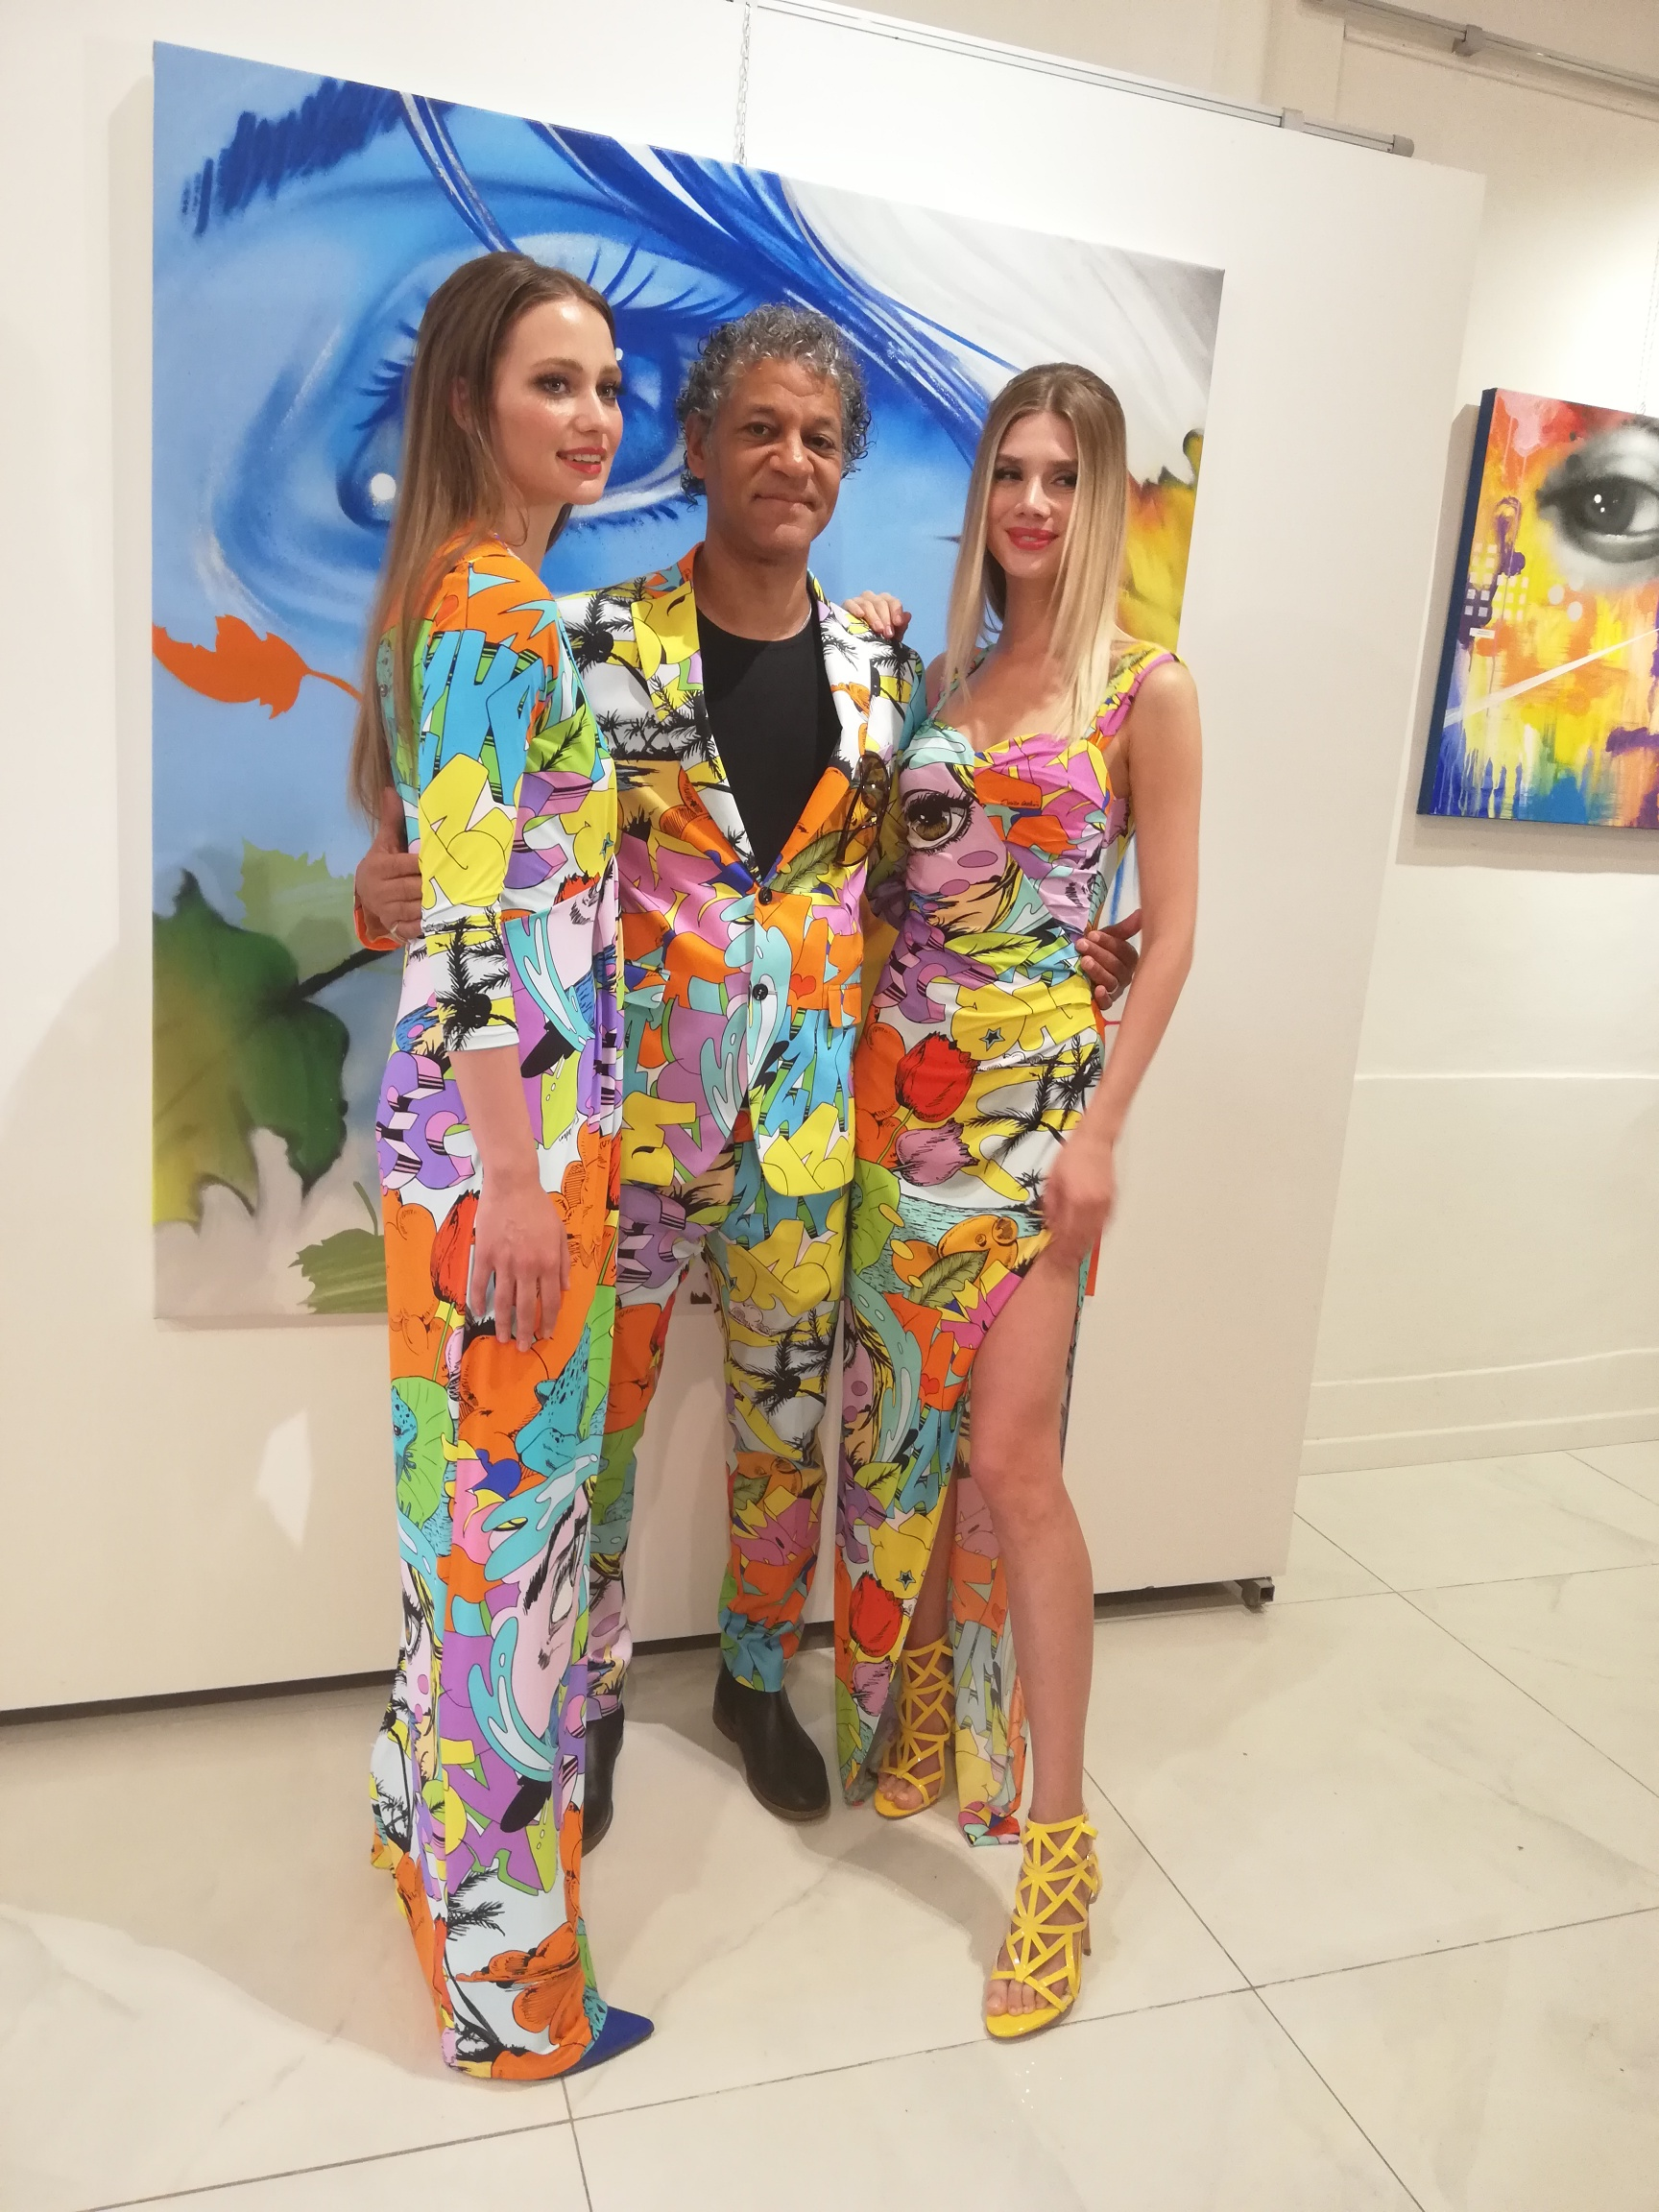 L'artista Daze con due modelle